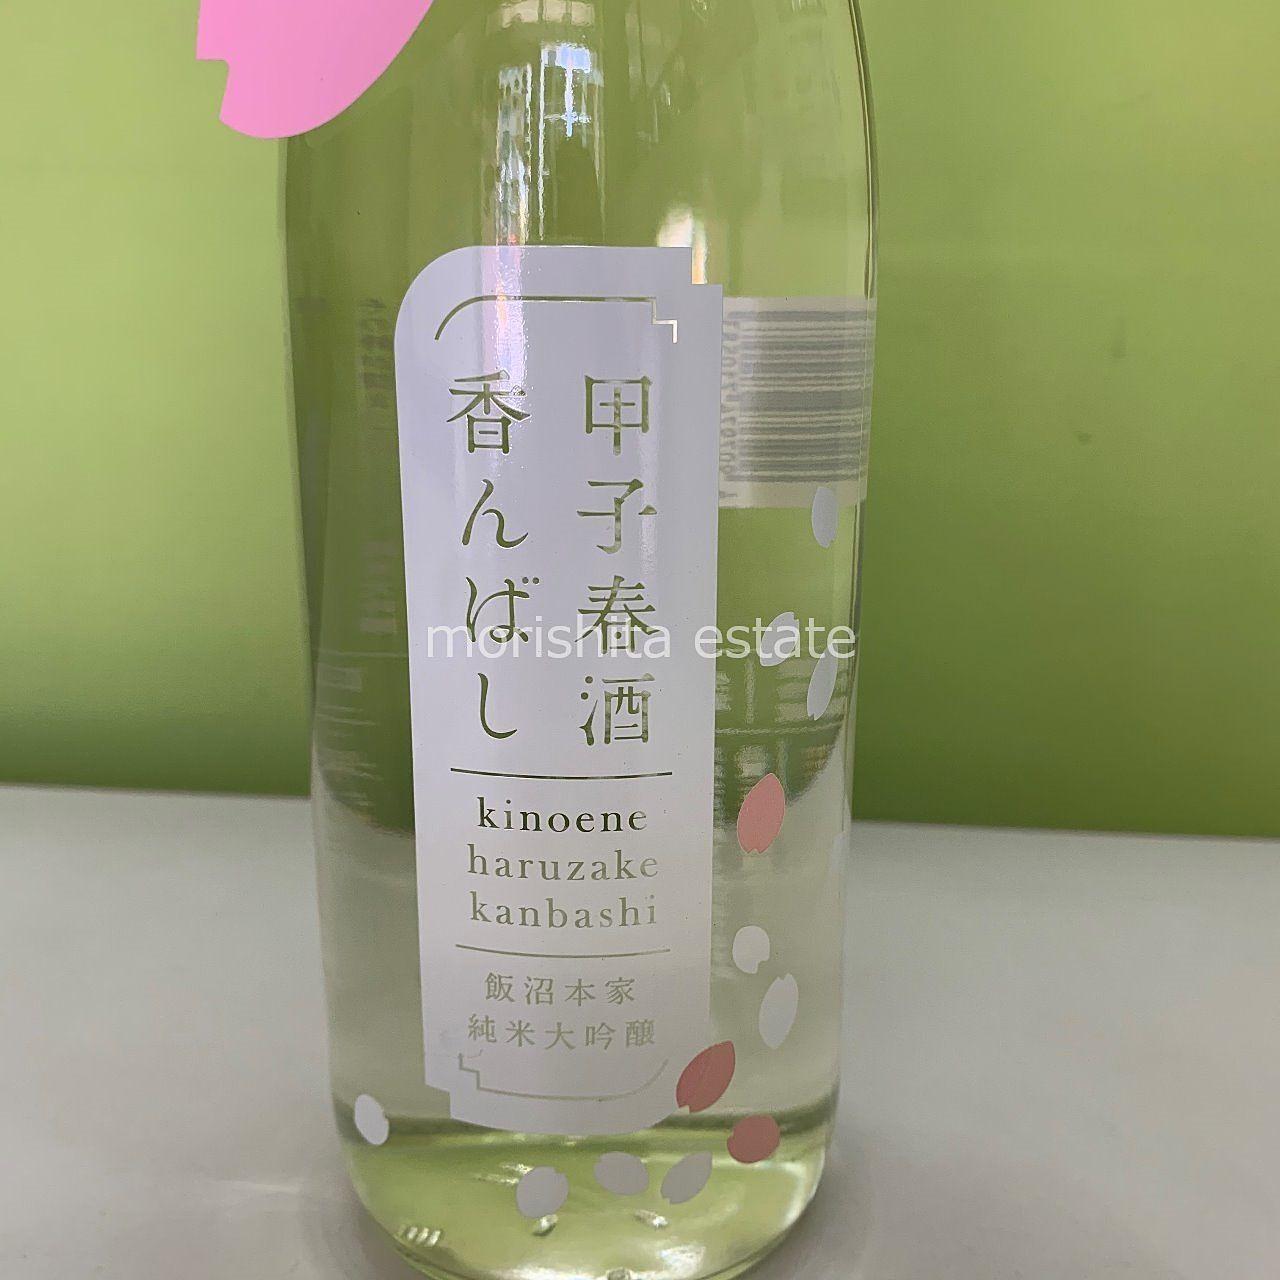 期間限定 日本酒 甲子春酒香んばし 写真